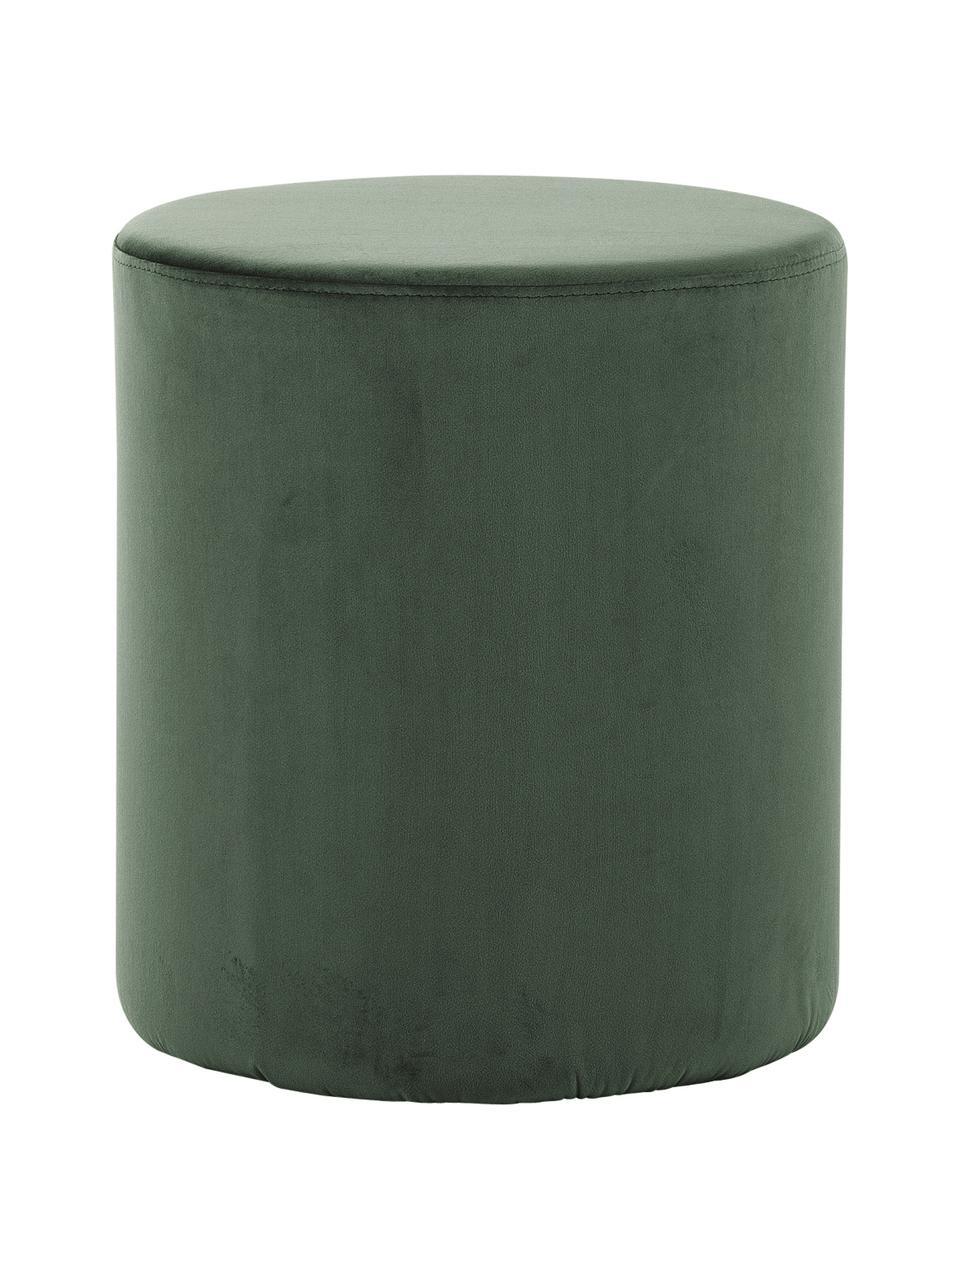 Fluwelen poef Daisy in groen, Bekleding: fluweel (polyester), Frame: multiplex, Groen, Ø 38 x H 45 cm